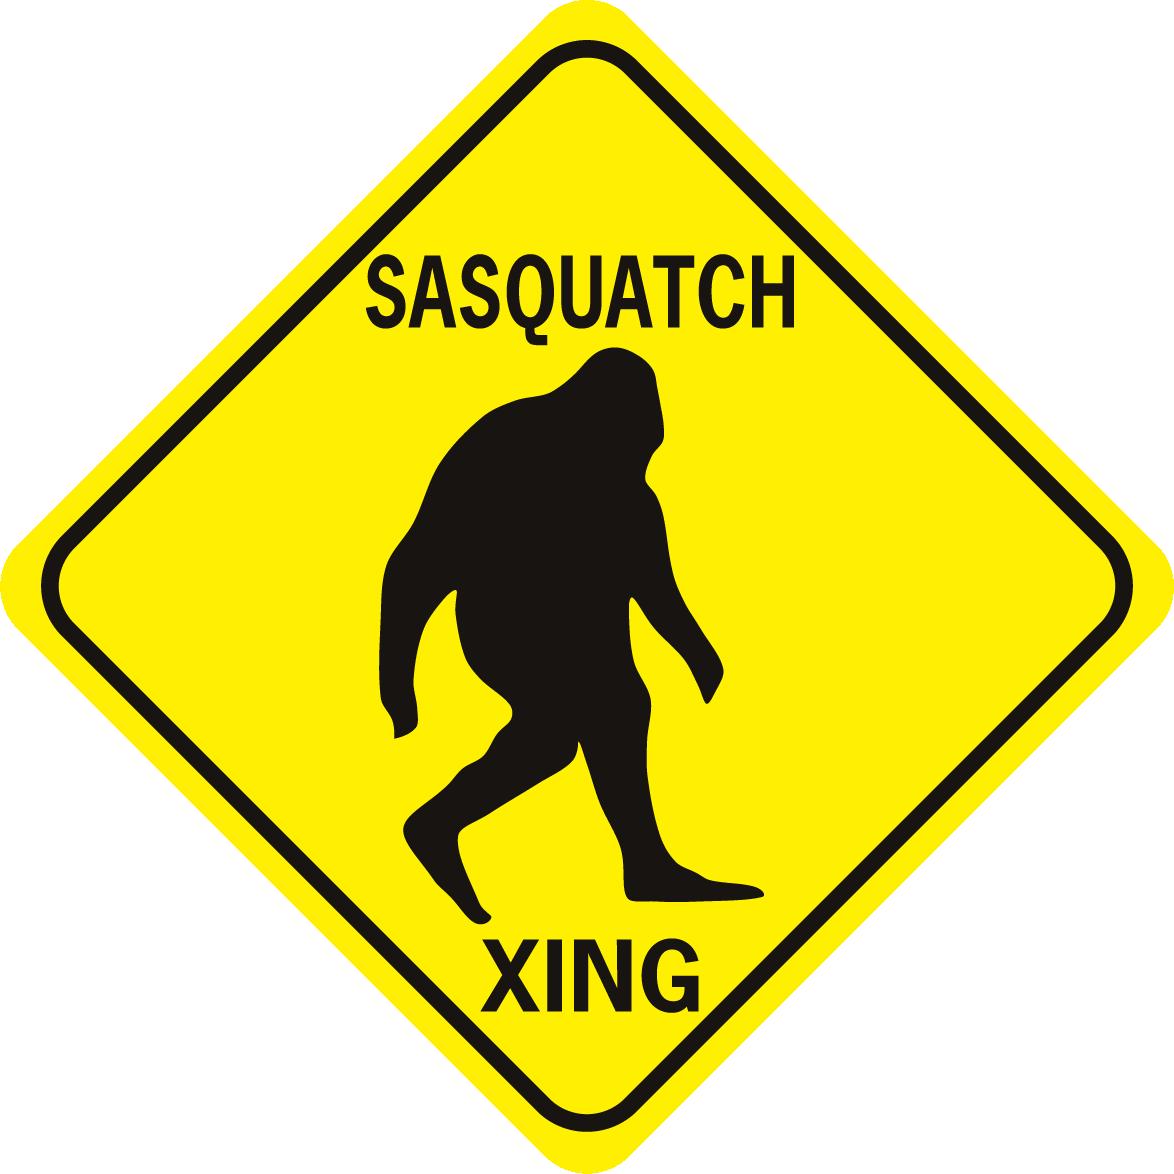 Sasquatch Xing Diamond